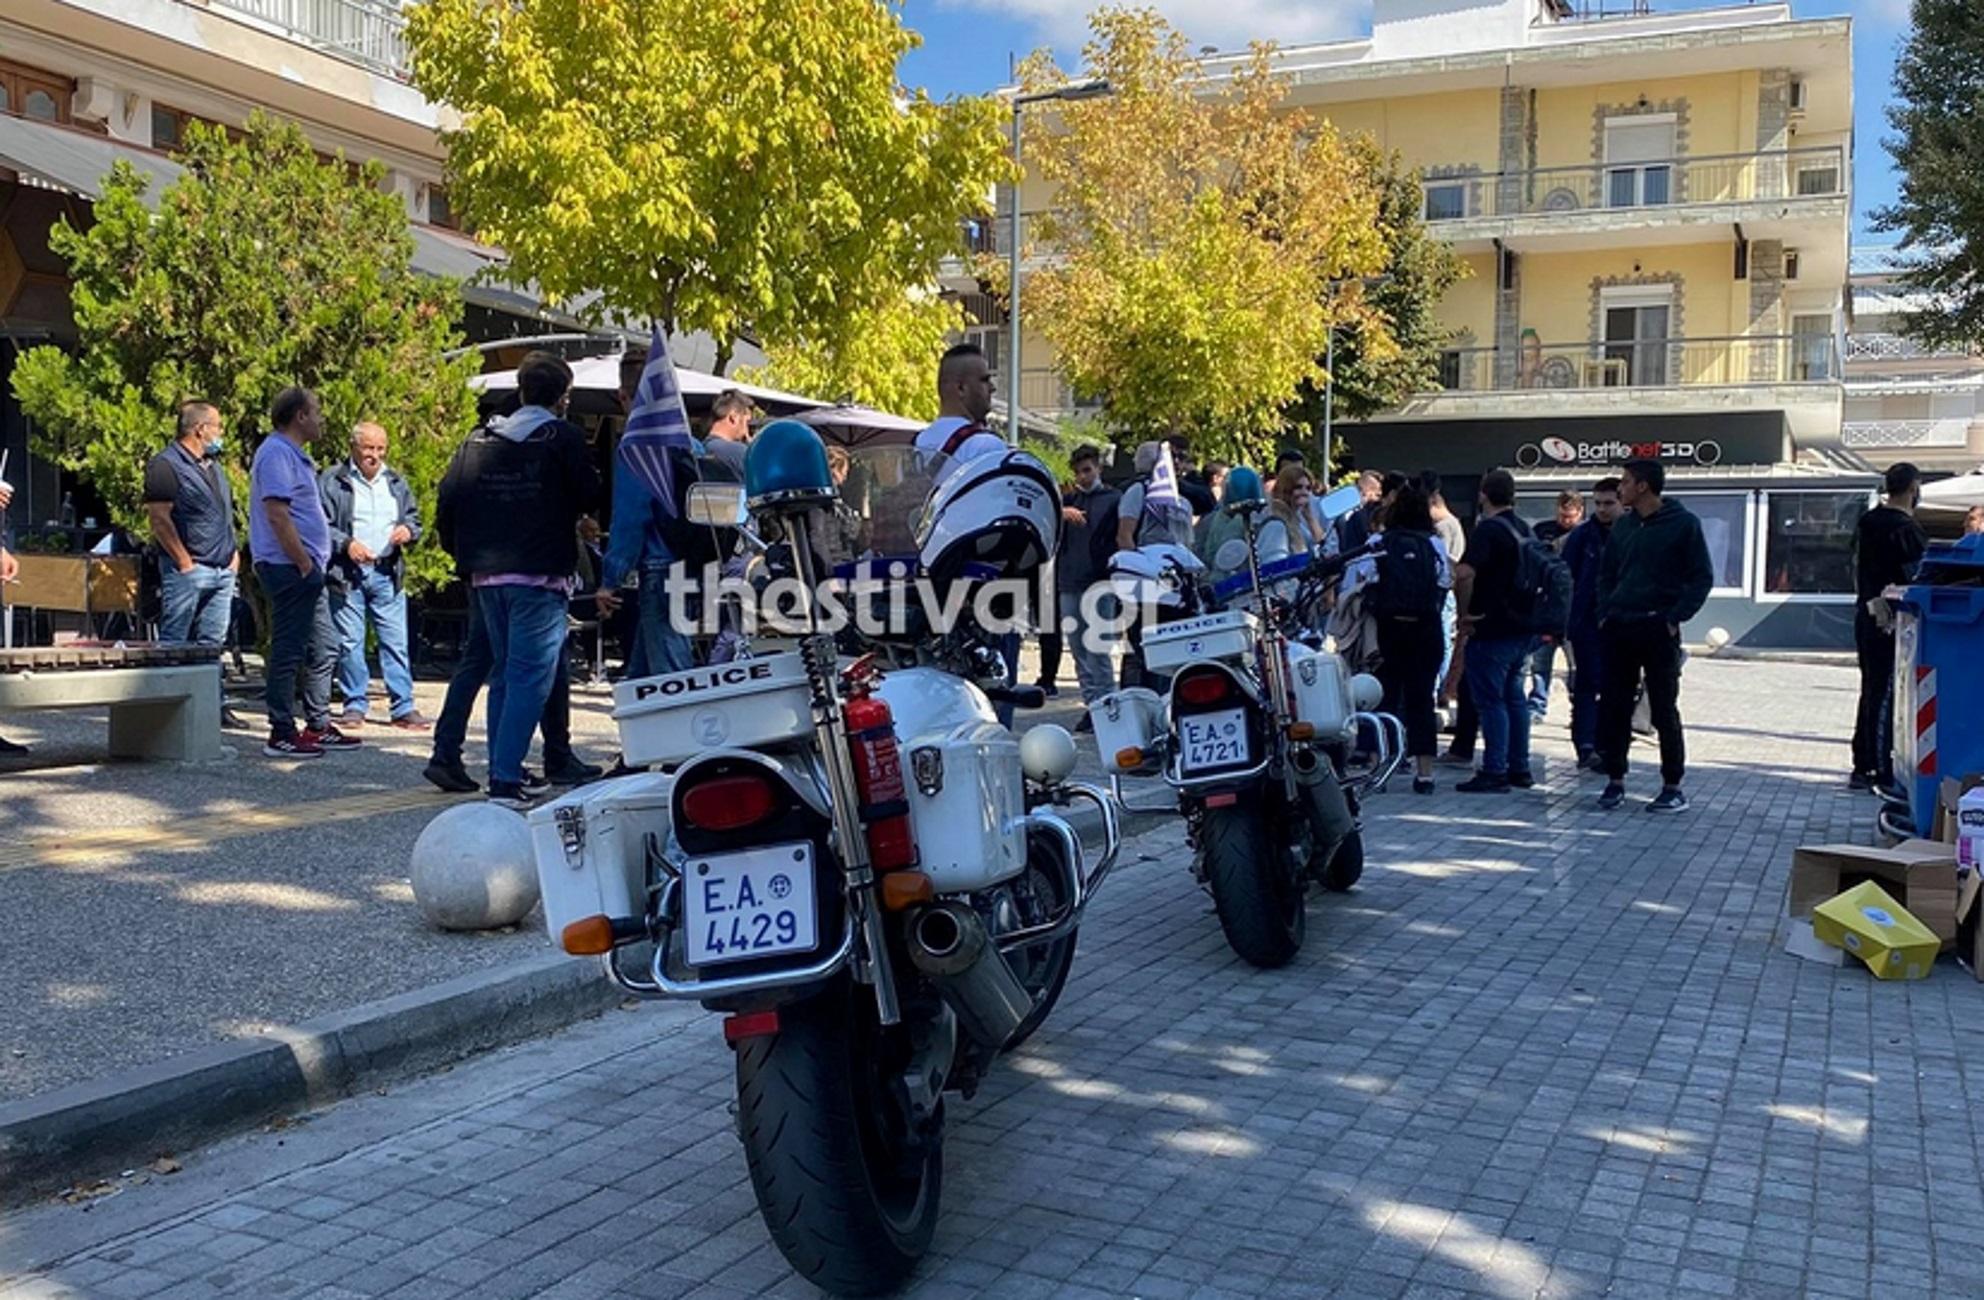 Θεσσαλονίκη: Φασιστική επίθεση σε αφισοκολλητές της ΚΝΕ με αλυσίδες και στυλιάρια – Αυτοψία στο σημείο